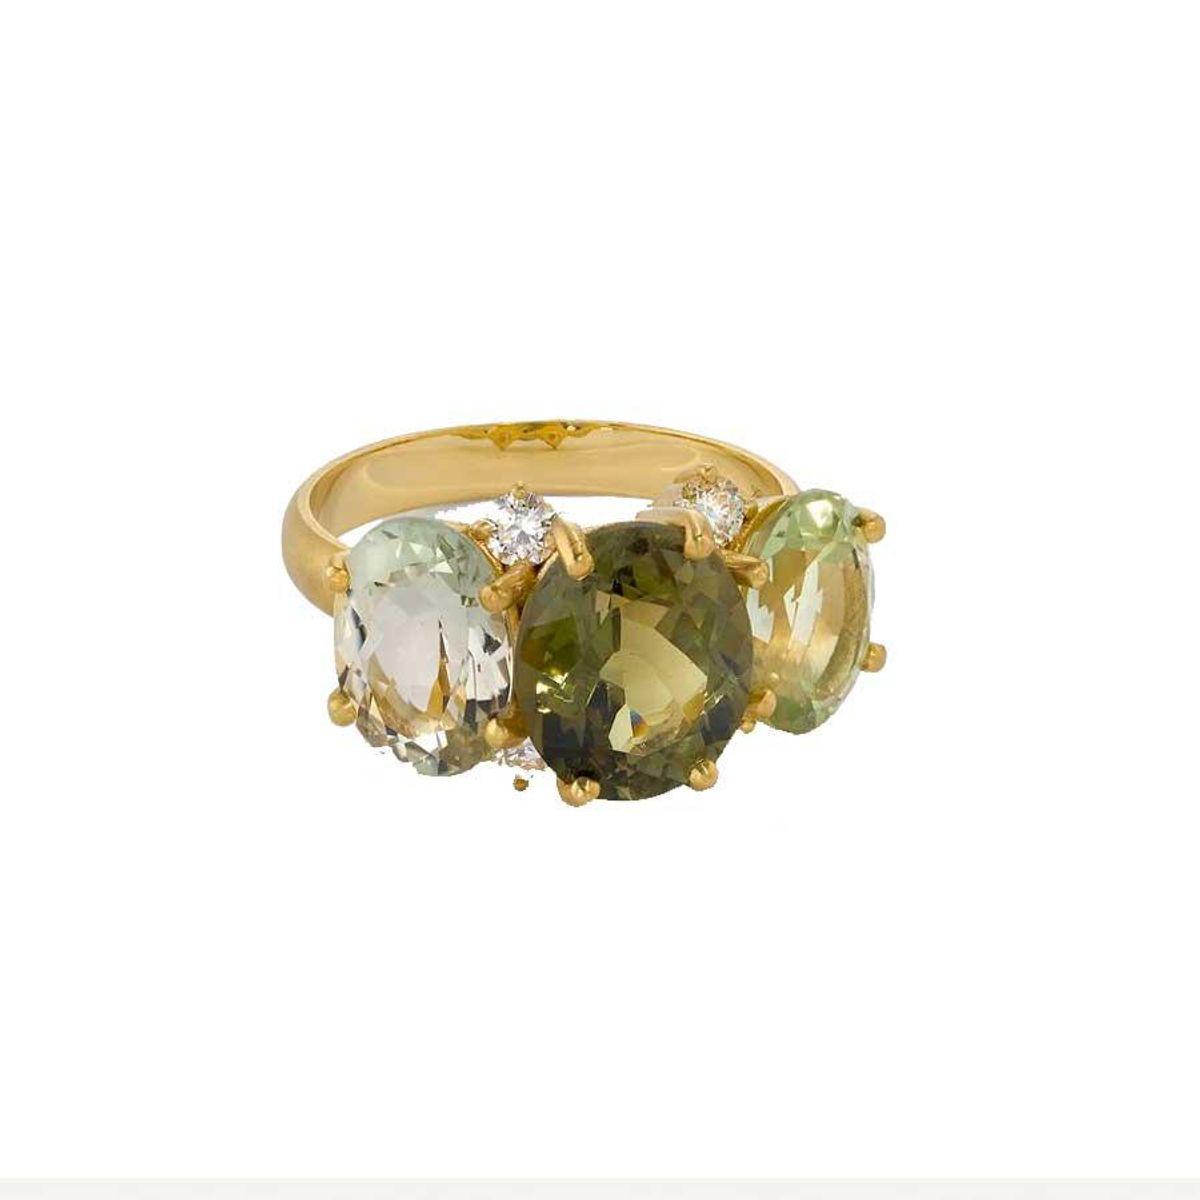 irene neuwirth one of a kind three stone gemmy gem ring